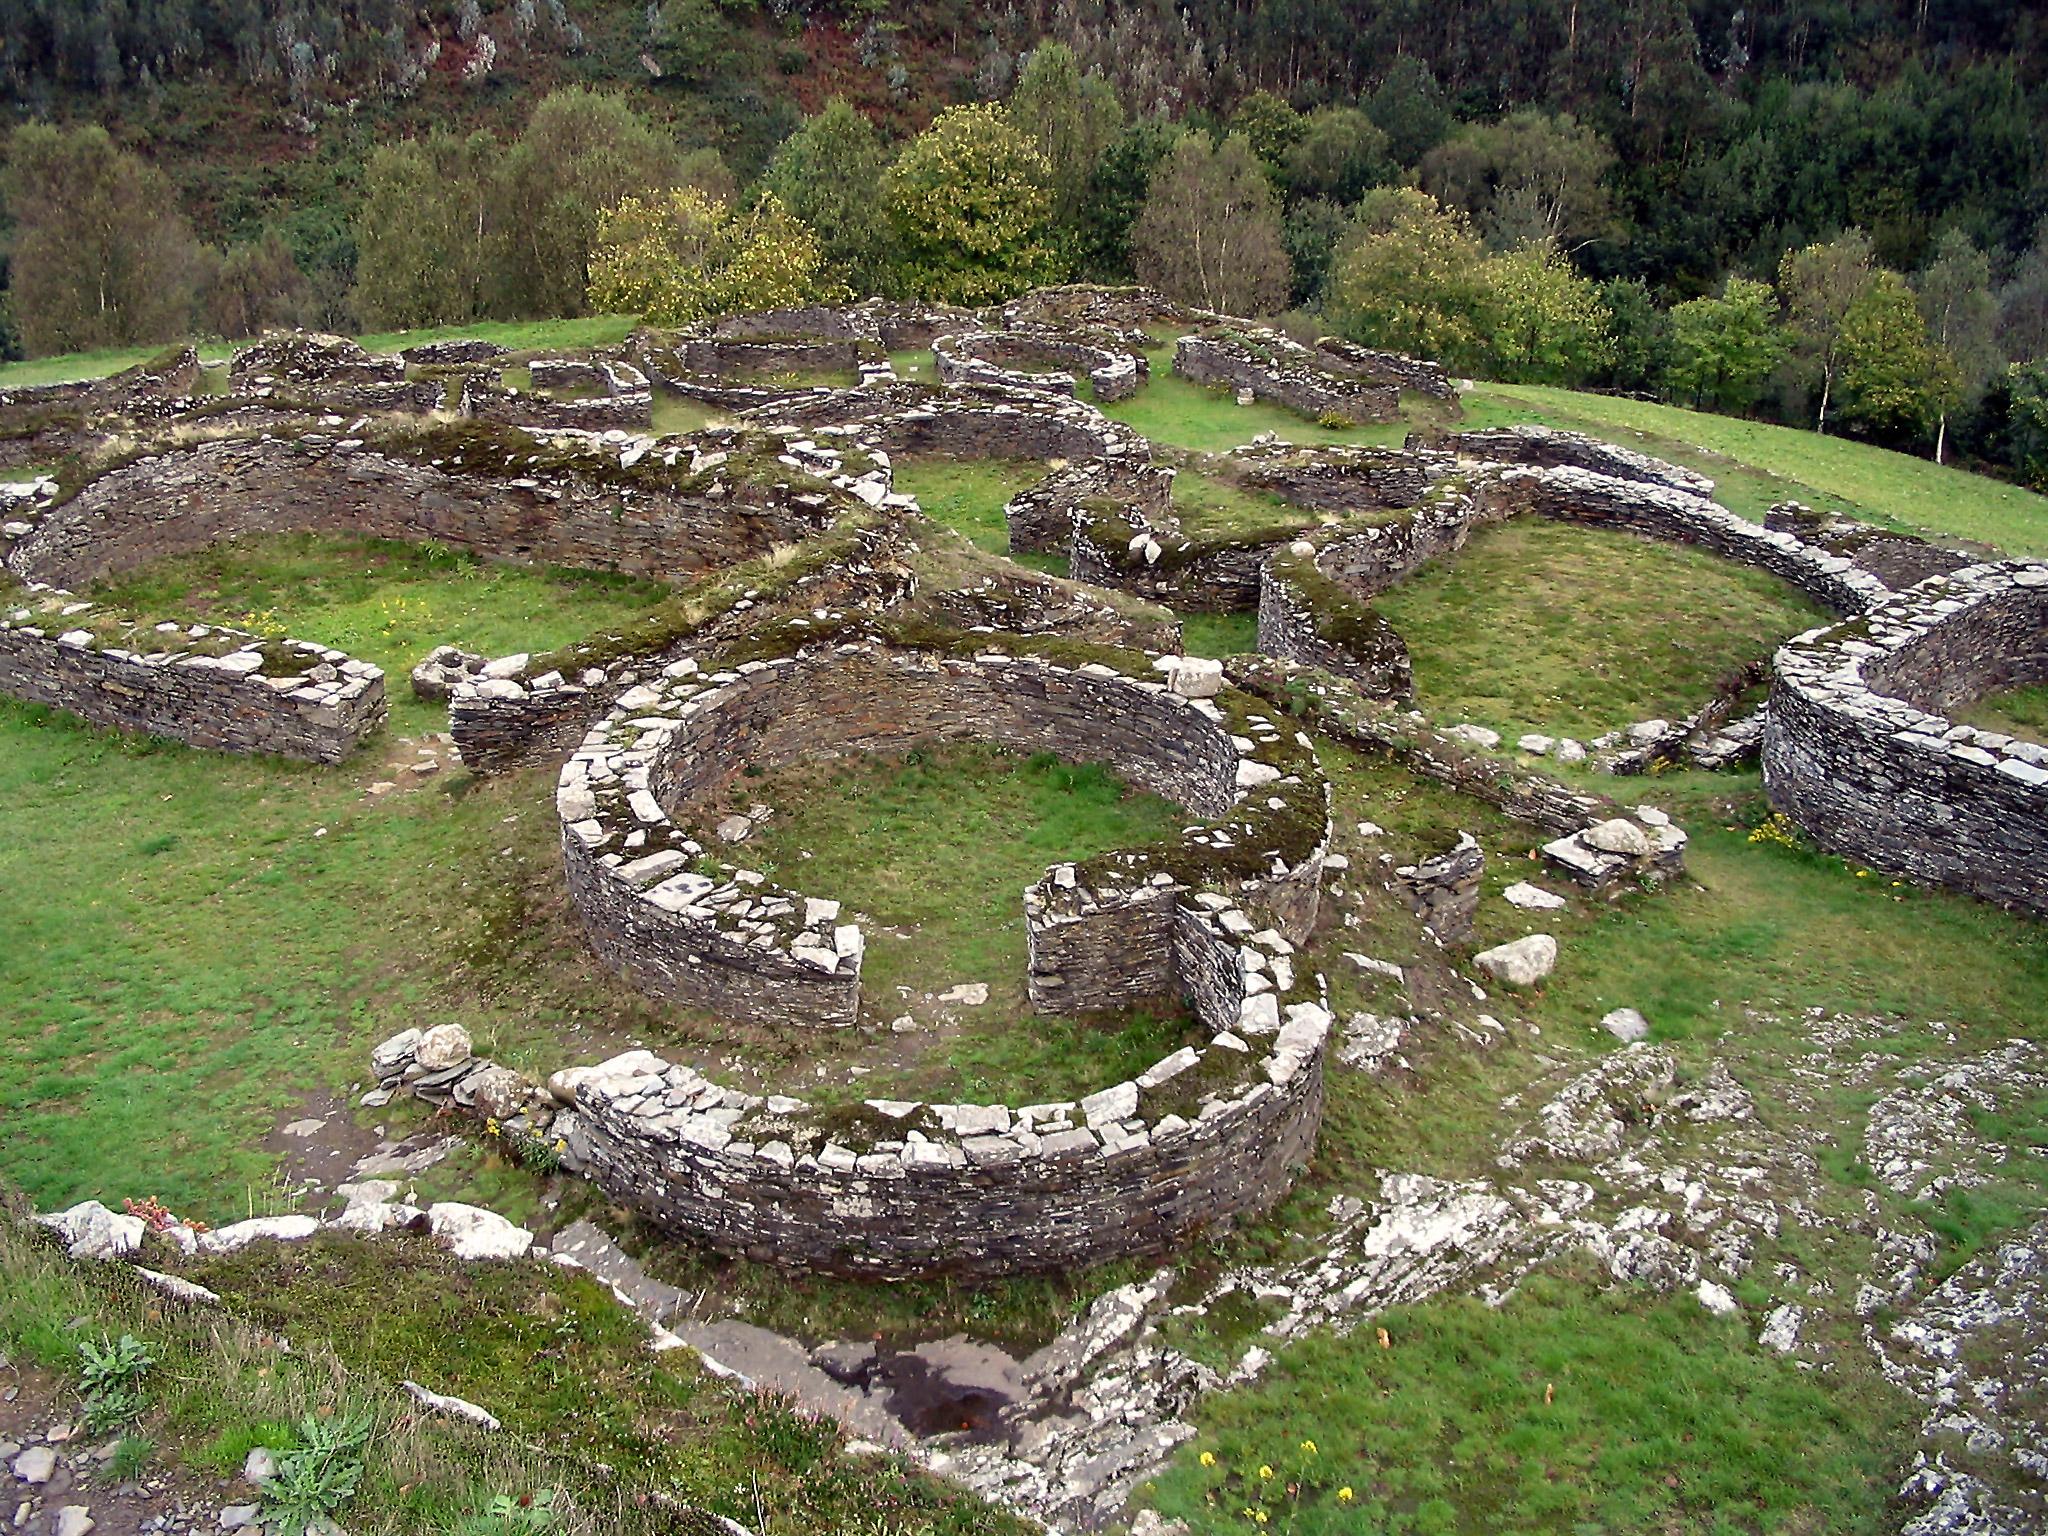 Casa Manolón - Rural tourism accommodation in western Asturias